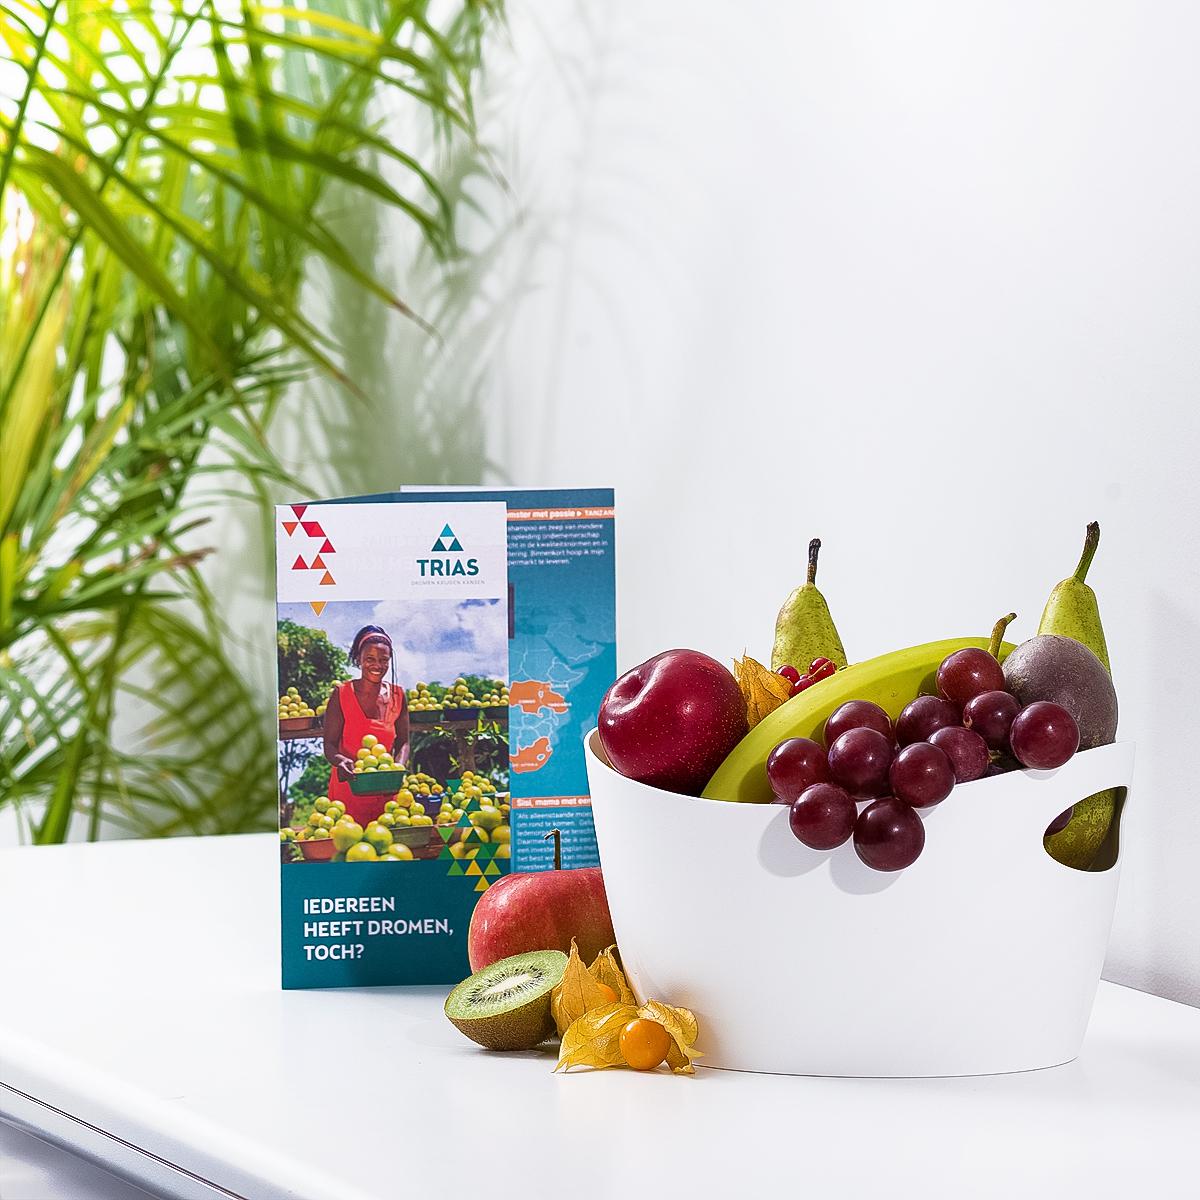 Trias corbeille design de fruits cadofrance - Corbeille a fruits design ...